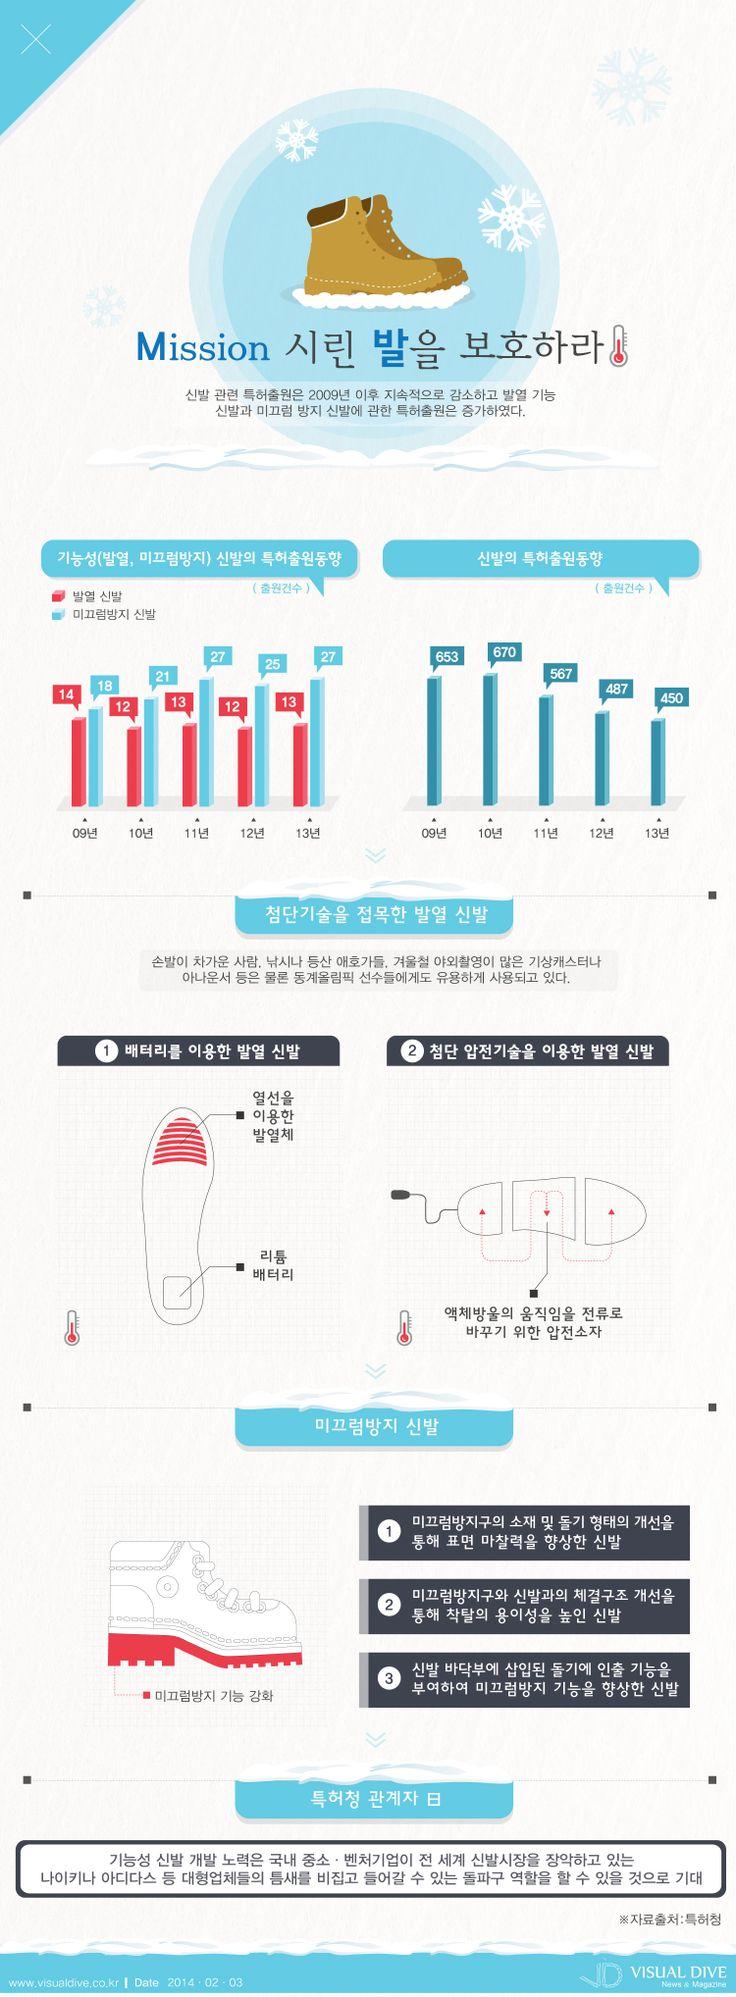 [인포그래픽] 발열․미끄럼방지 등 기능성 신발 특허 증가 #shoes / #Infographic ⓒ 비주얼다이브 무단 복사·전재·재배포 금지